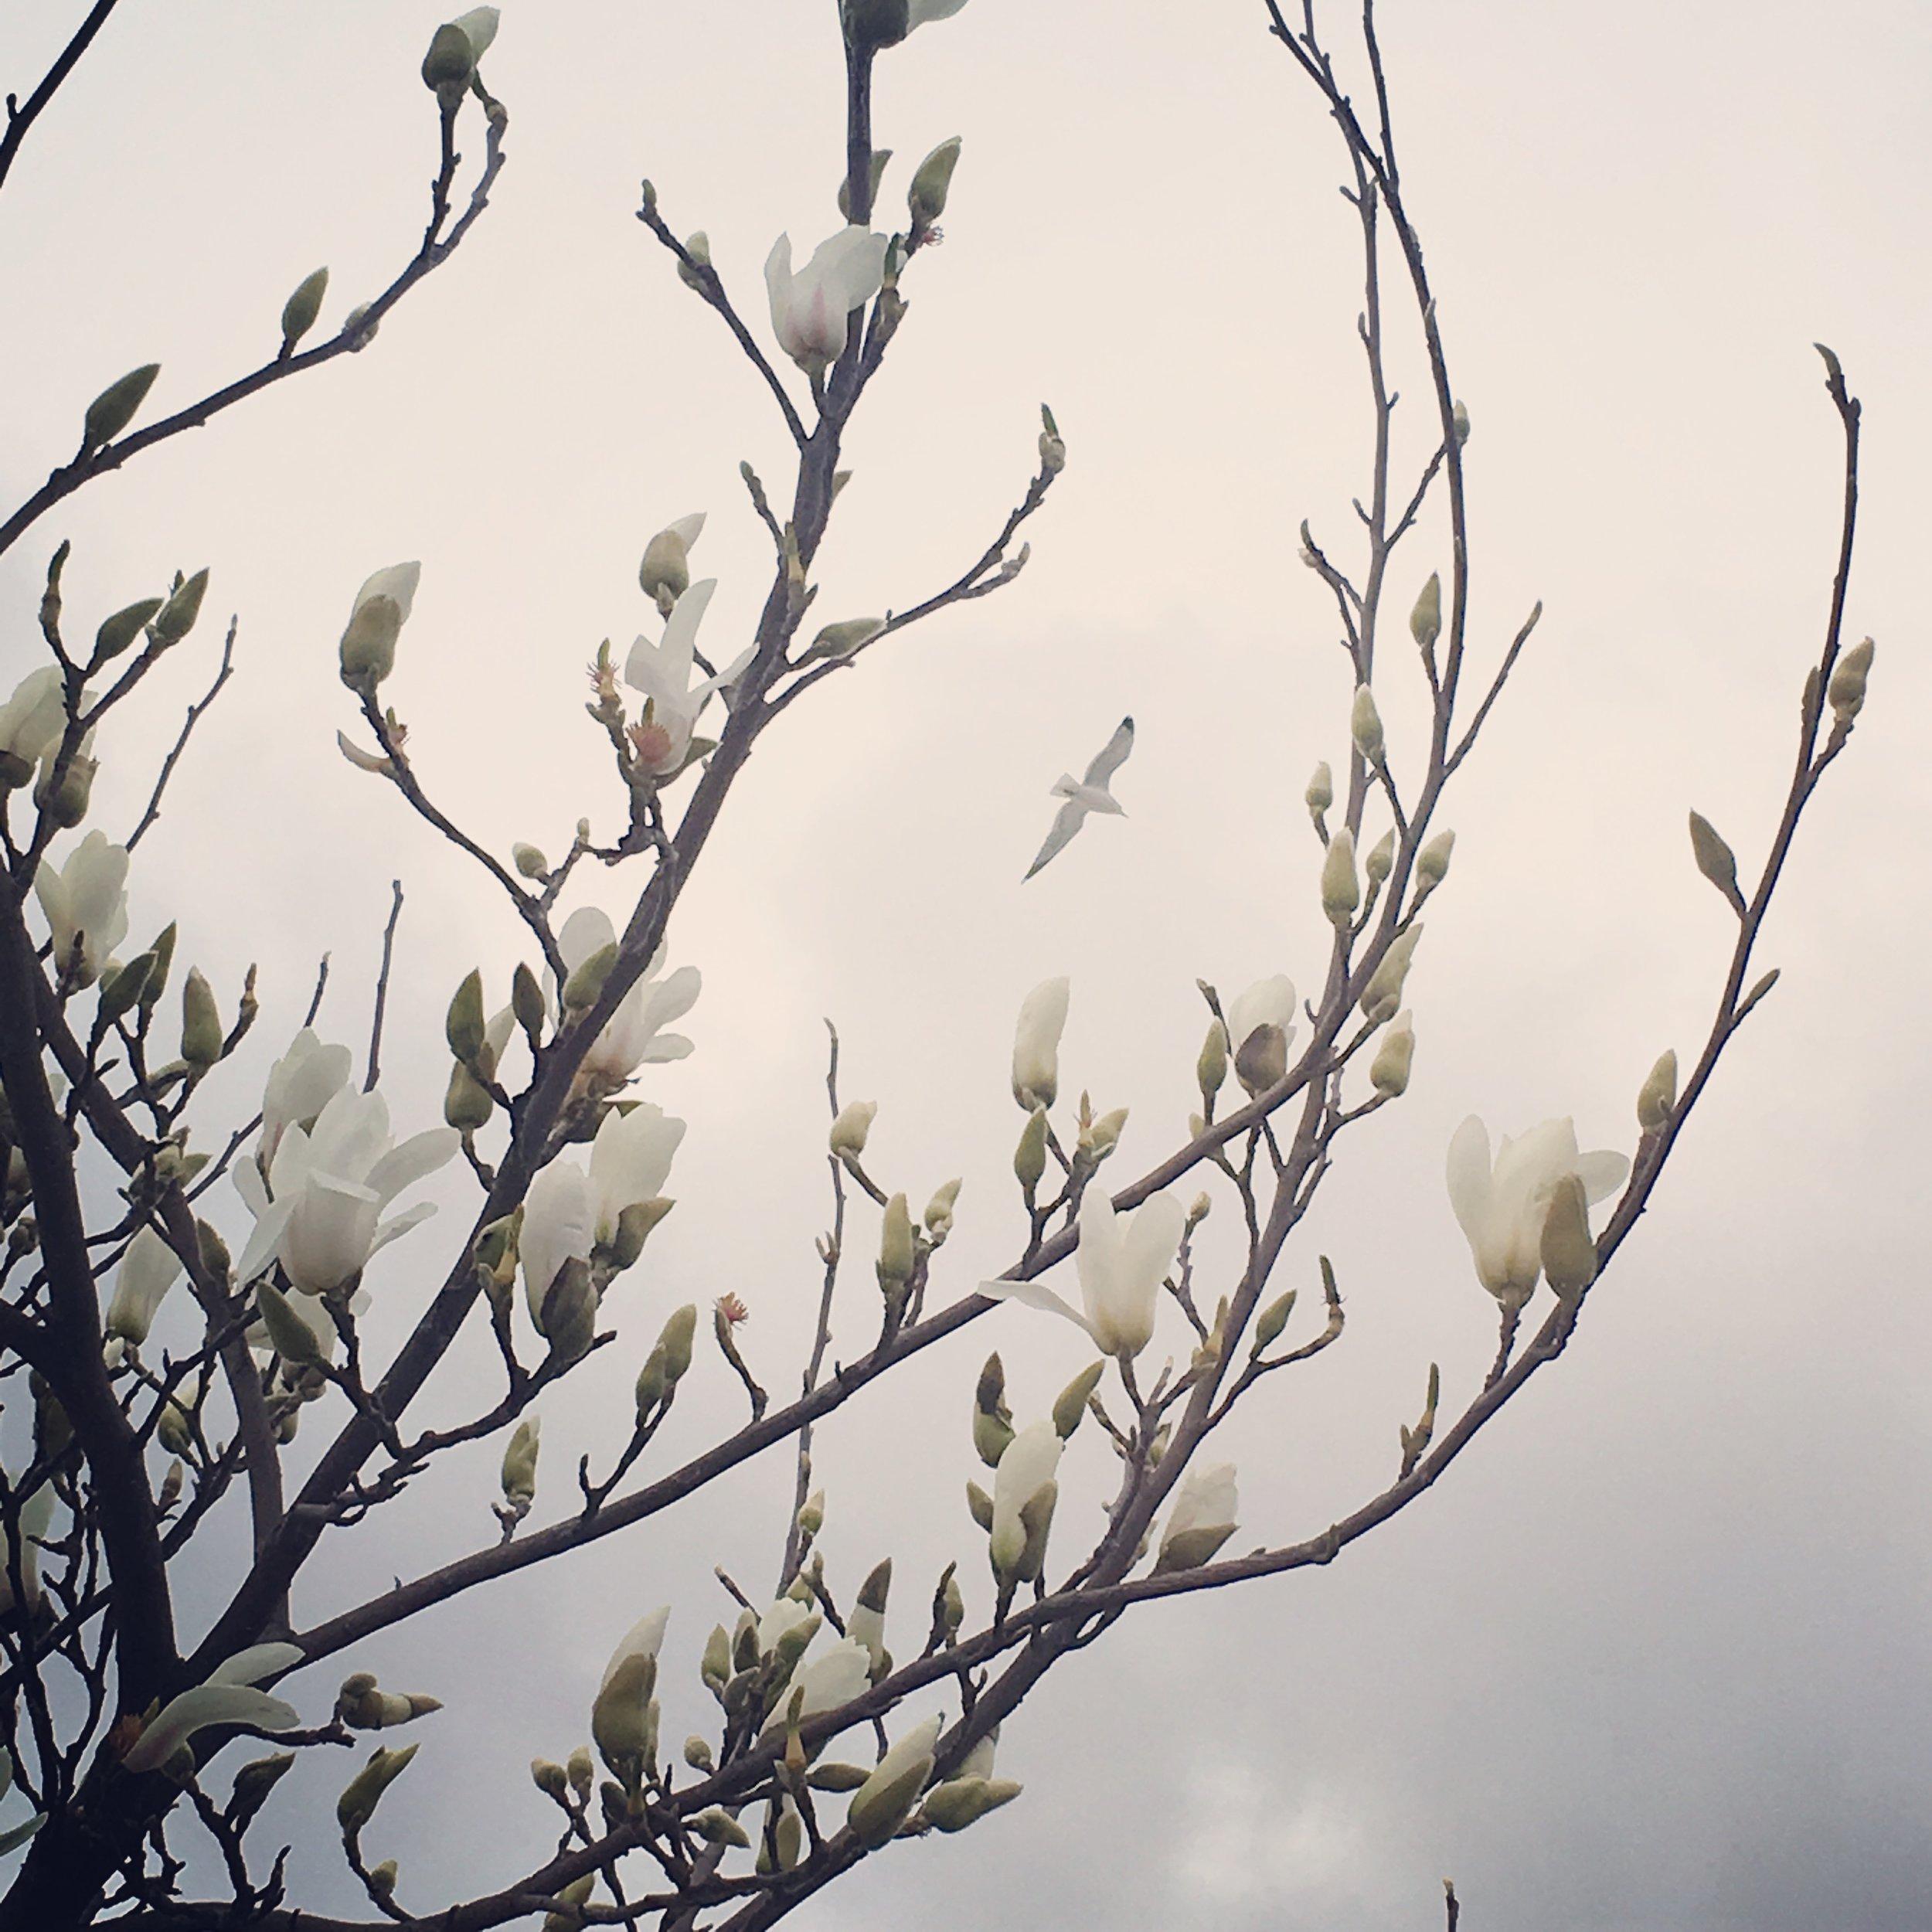 floweringtree.JPG